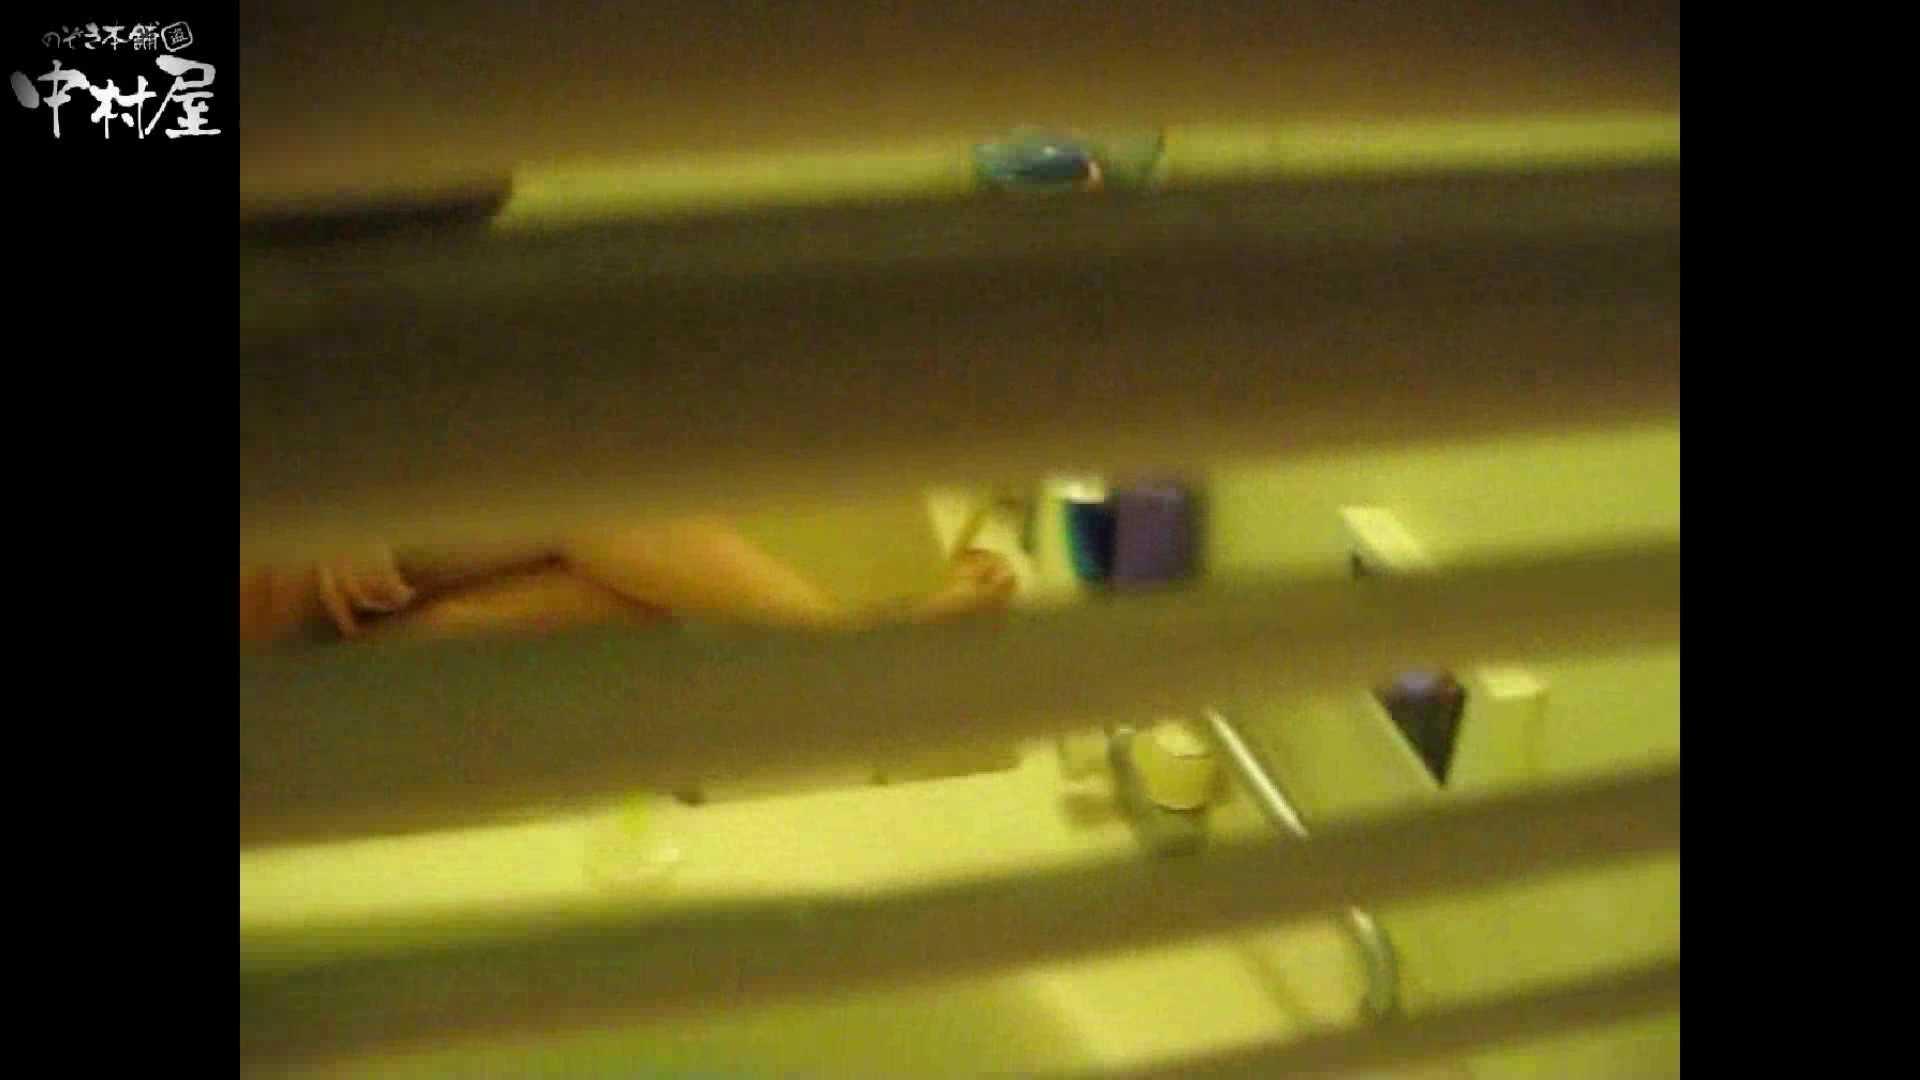 民家風呂専門盗撮師の超危険映像 vol.008 美少女丸裸 ヌード画像 94pic 5